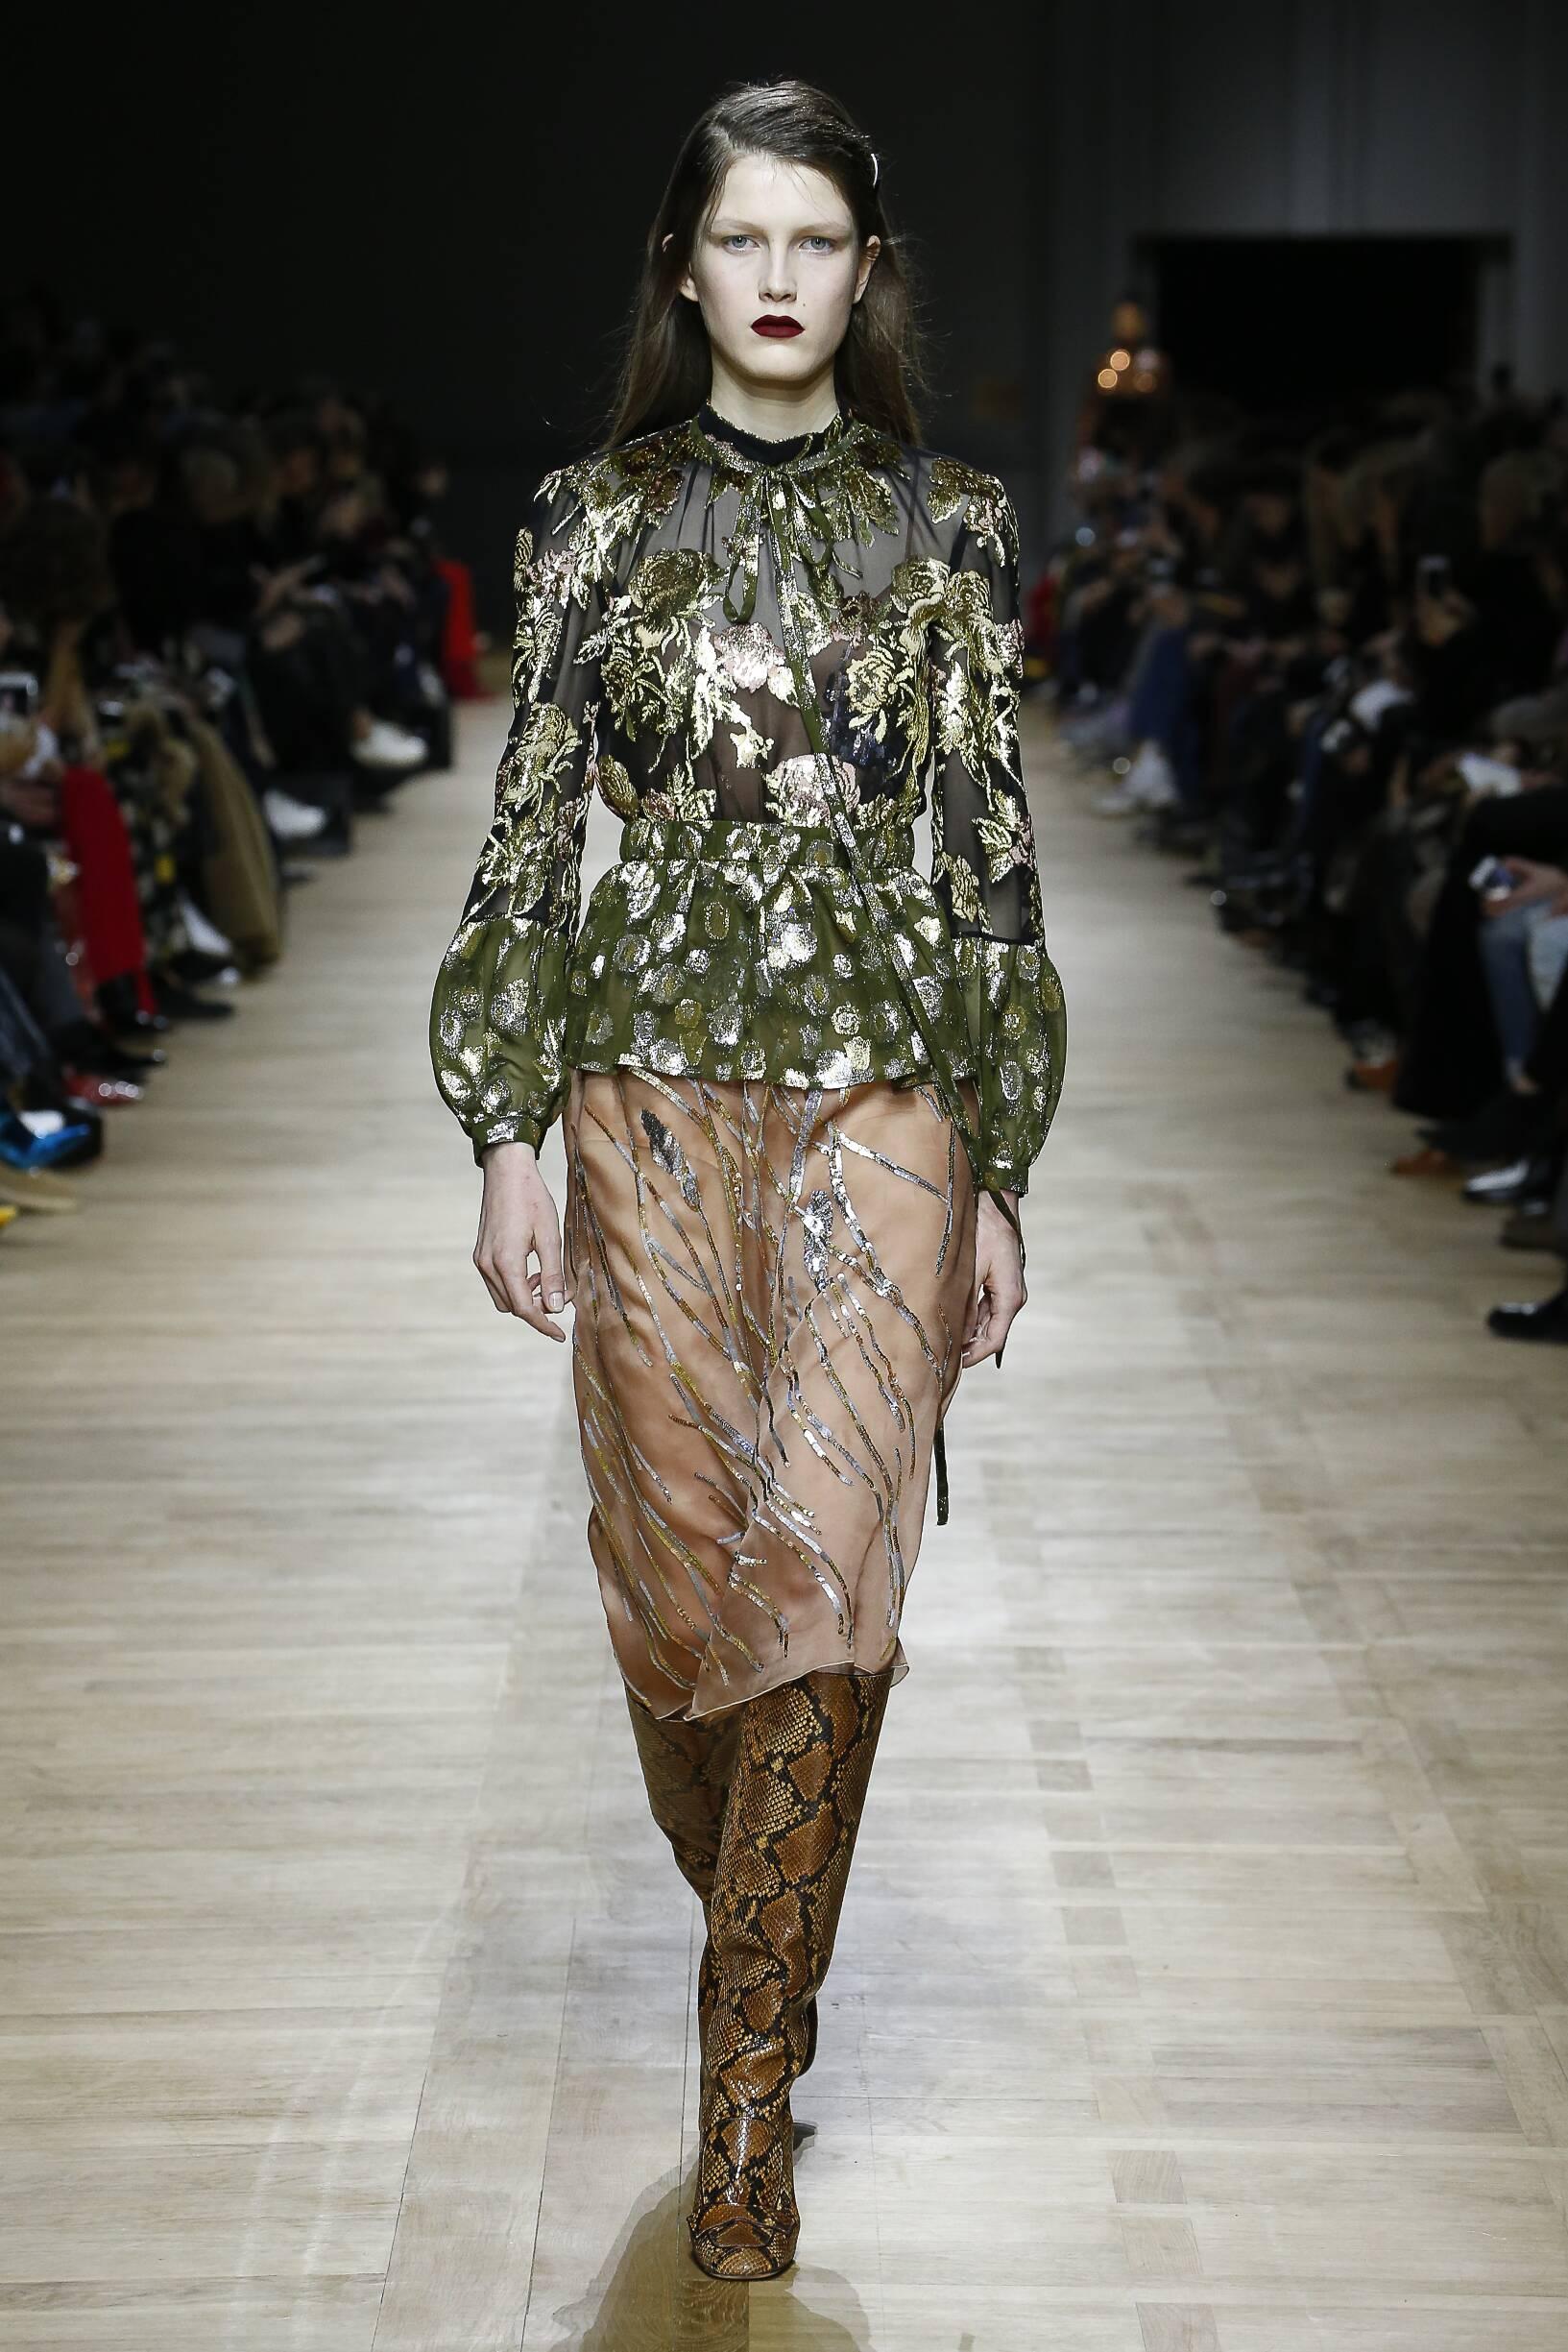 Runway Rochas Fall Winter 2018 Women's Collection Paris Fashion Week